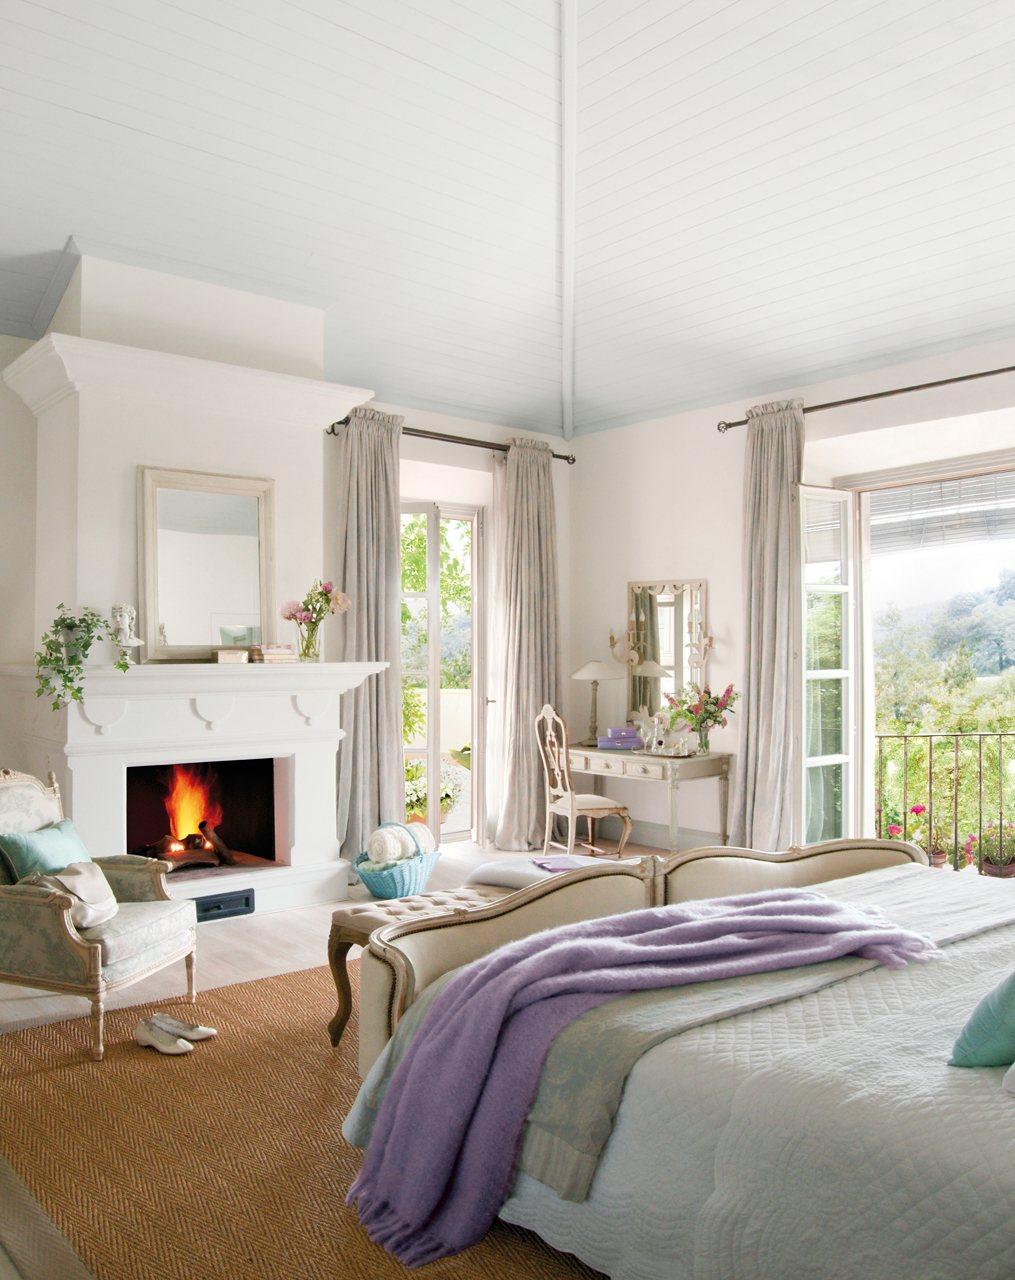 Dormitorios para disfrutar tambi n de d a - Dormitorio con encanto ...